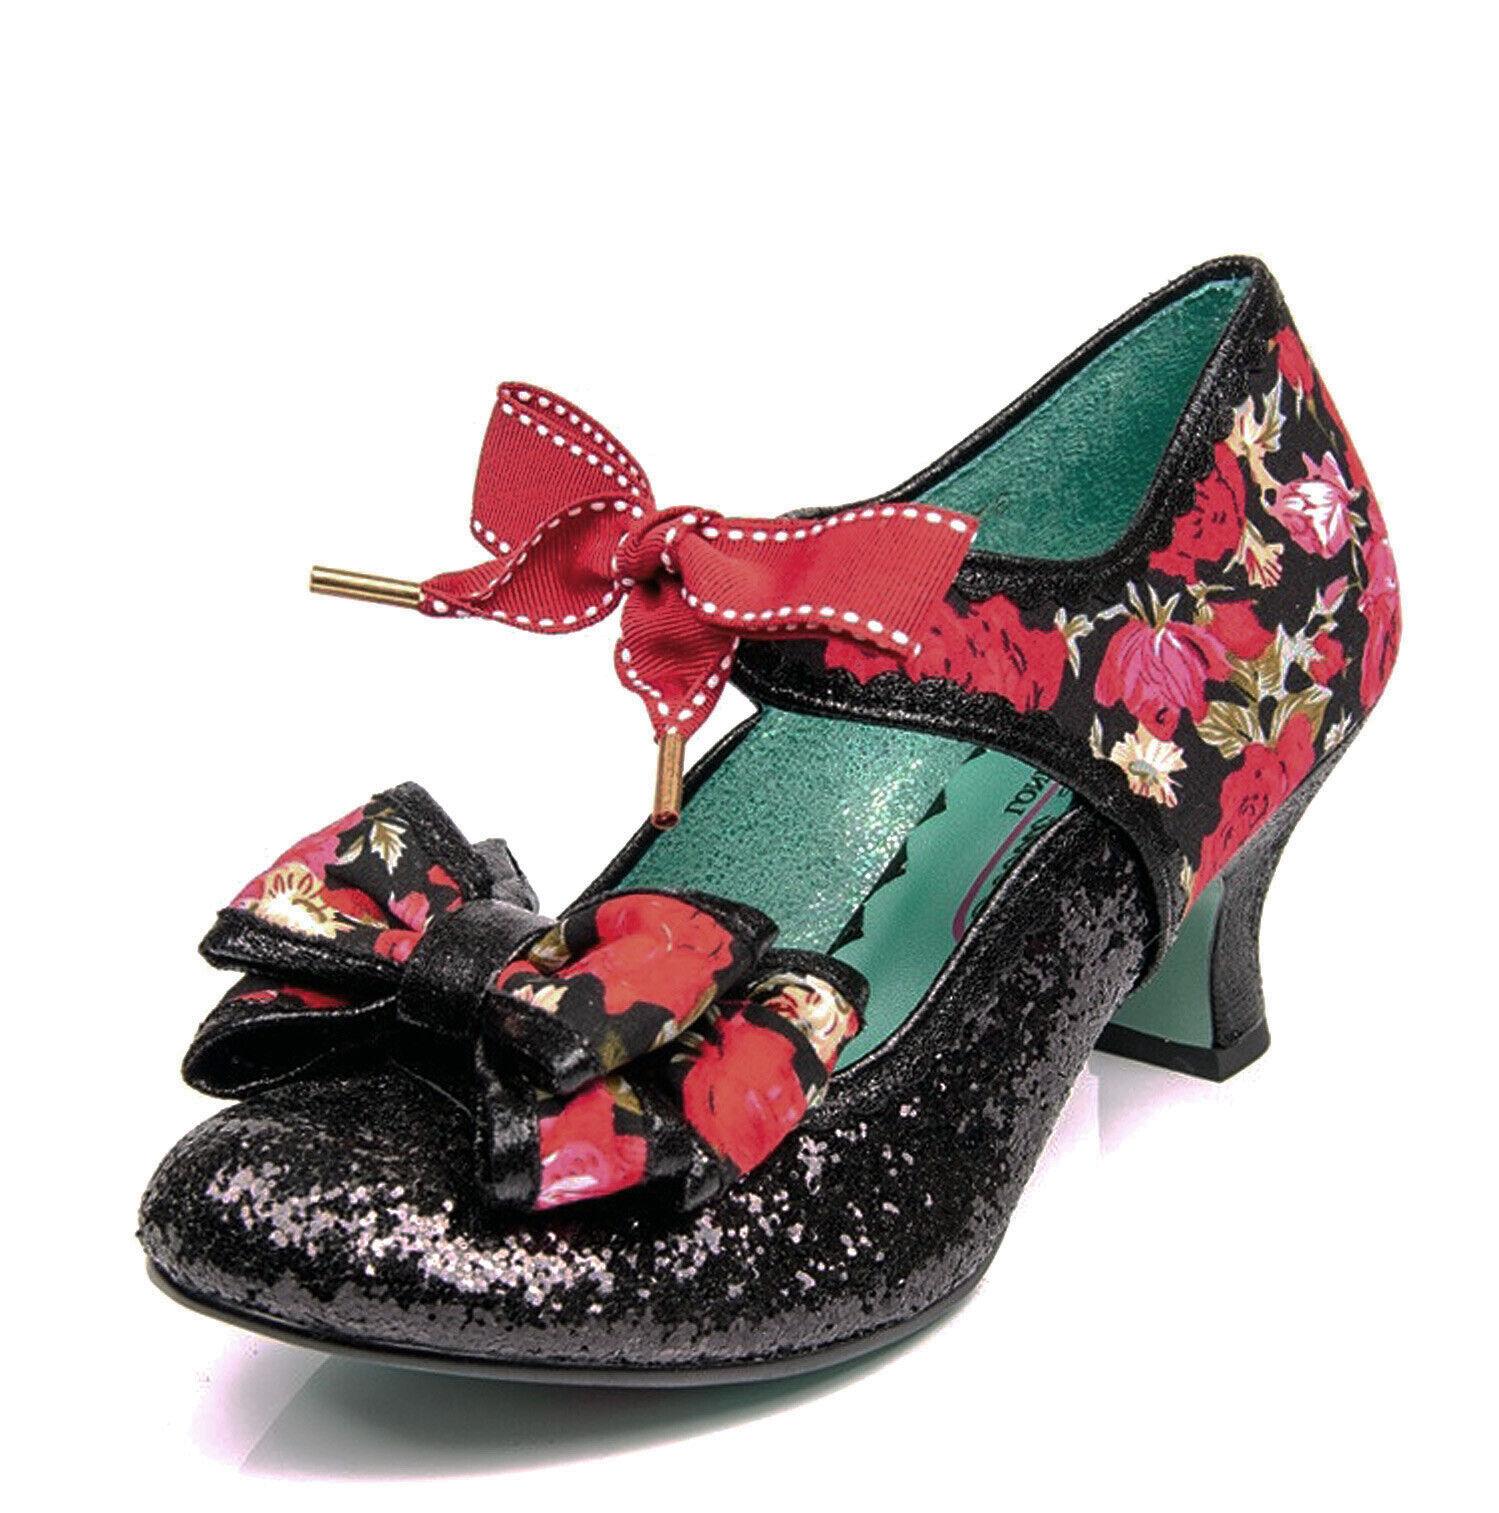 Poetic Licence Nouveau APPLE SPICE Paillettes Noir Rouge Floral Mi Talon Chaussures Tailles 3-9